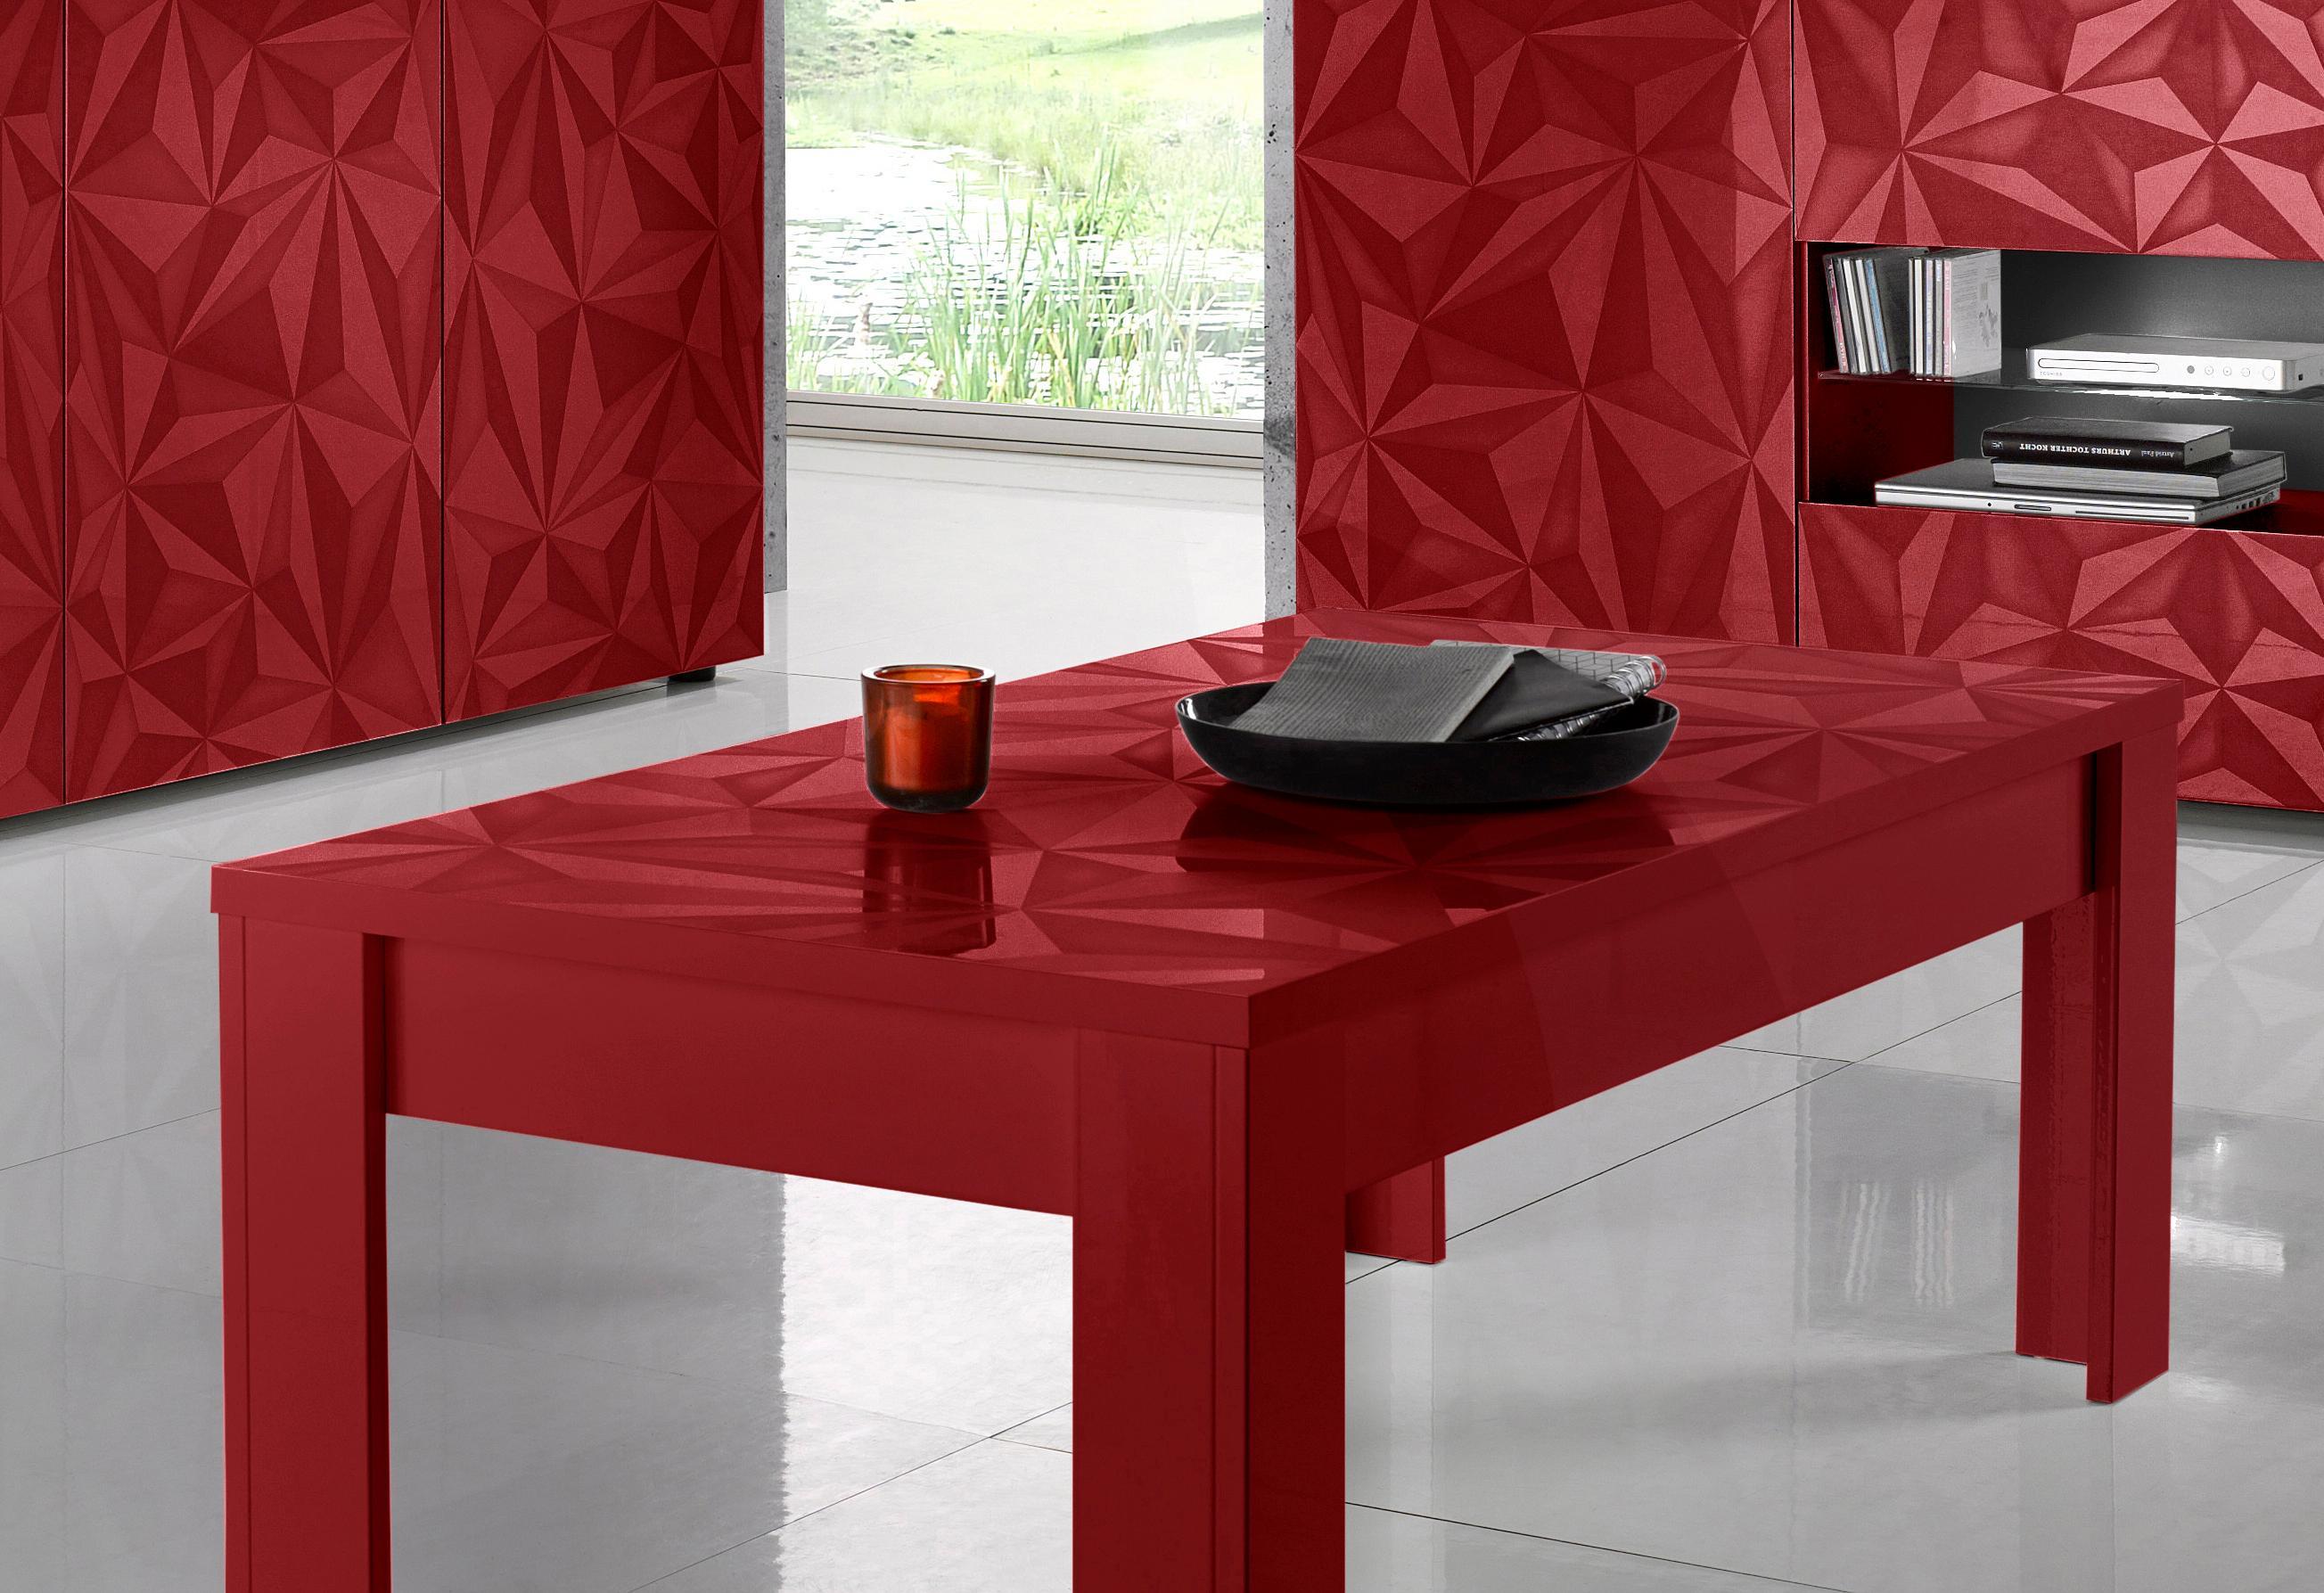 rot Couchtische online kaufen | Möbel-Suchmaschine | ladendirekt.de